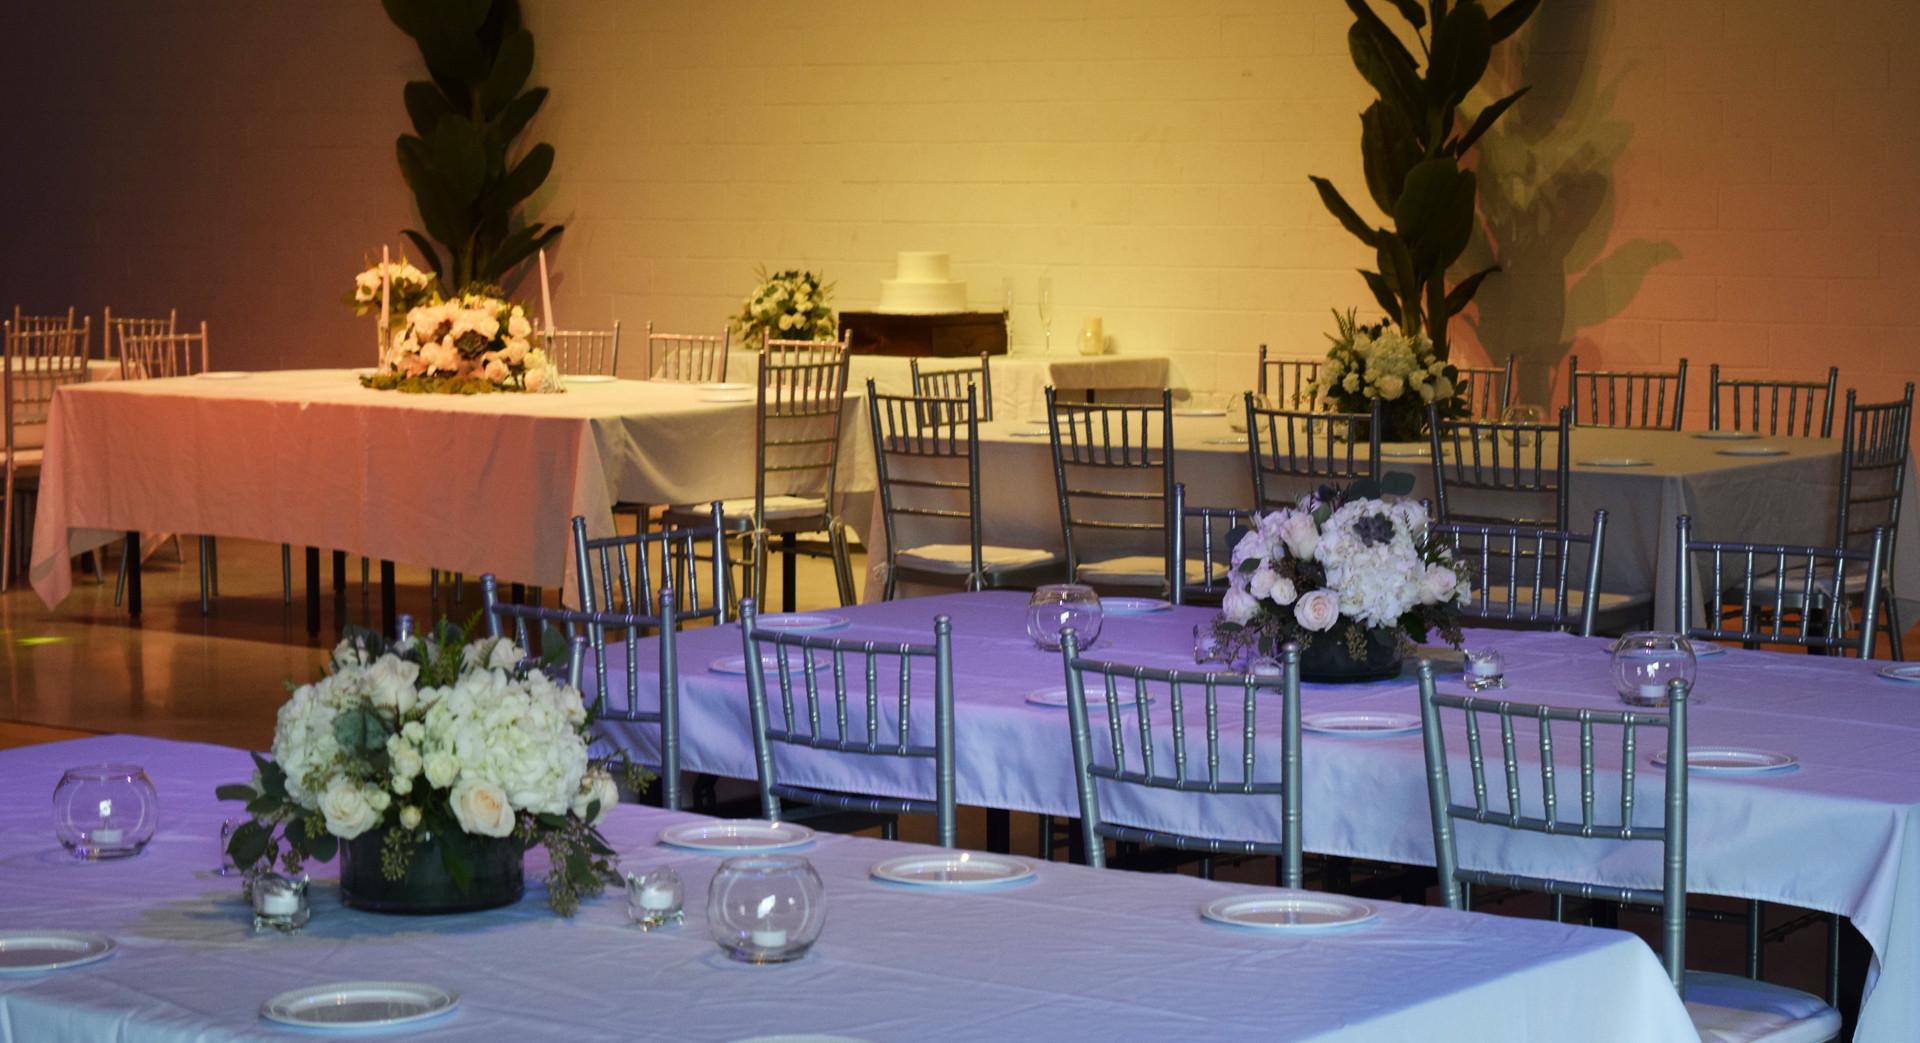 TCH_WeddingSet.jpg